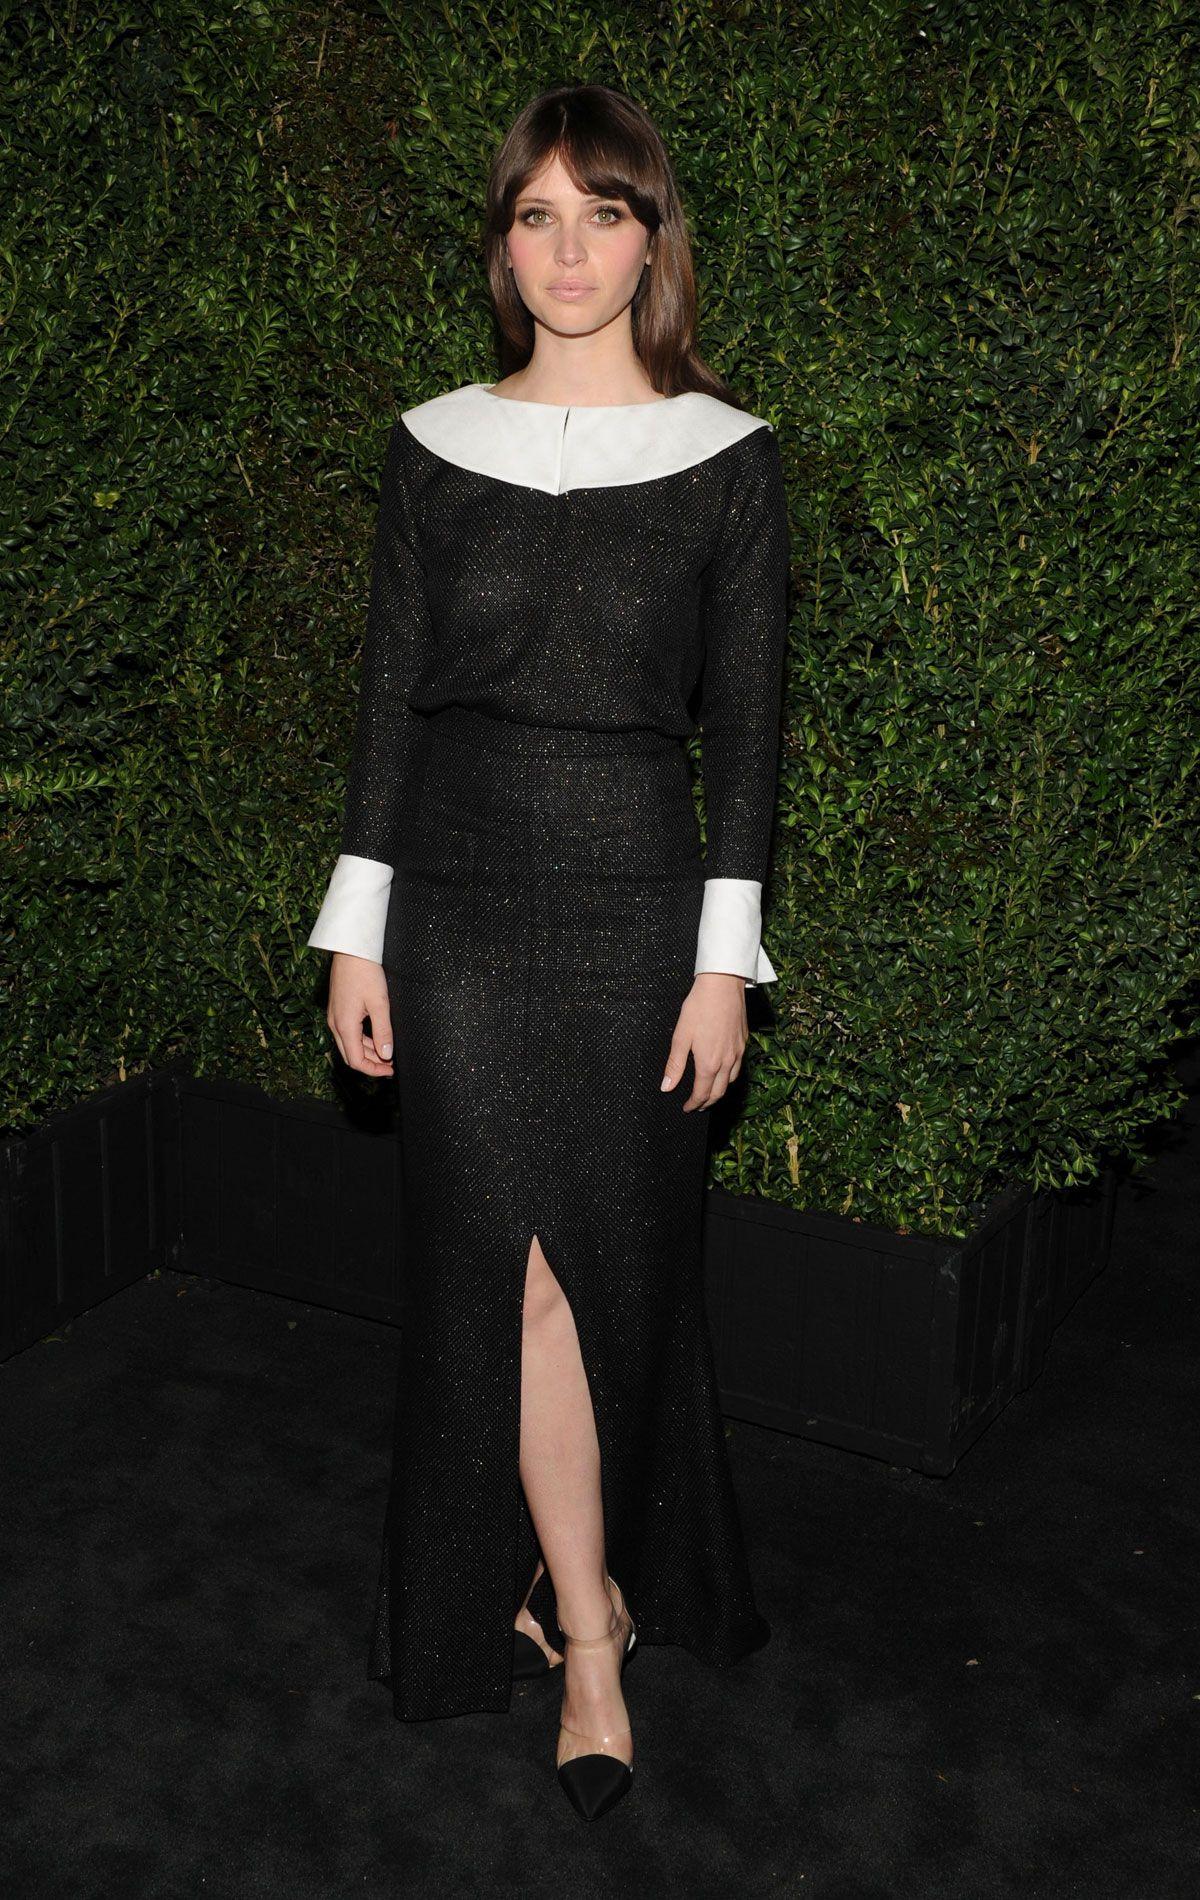 Felicity Jones at Chanel Pre-Oscar Dinner Party in Los Angeles, 2013.